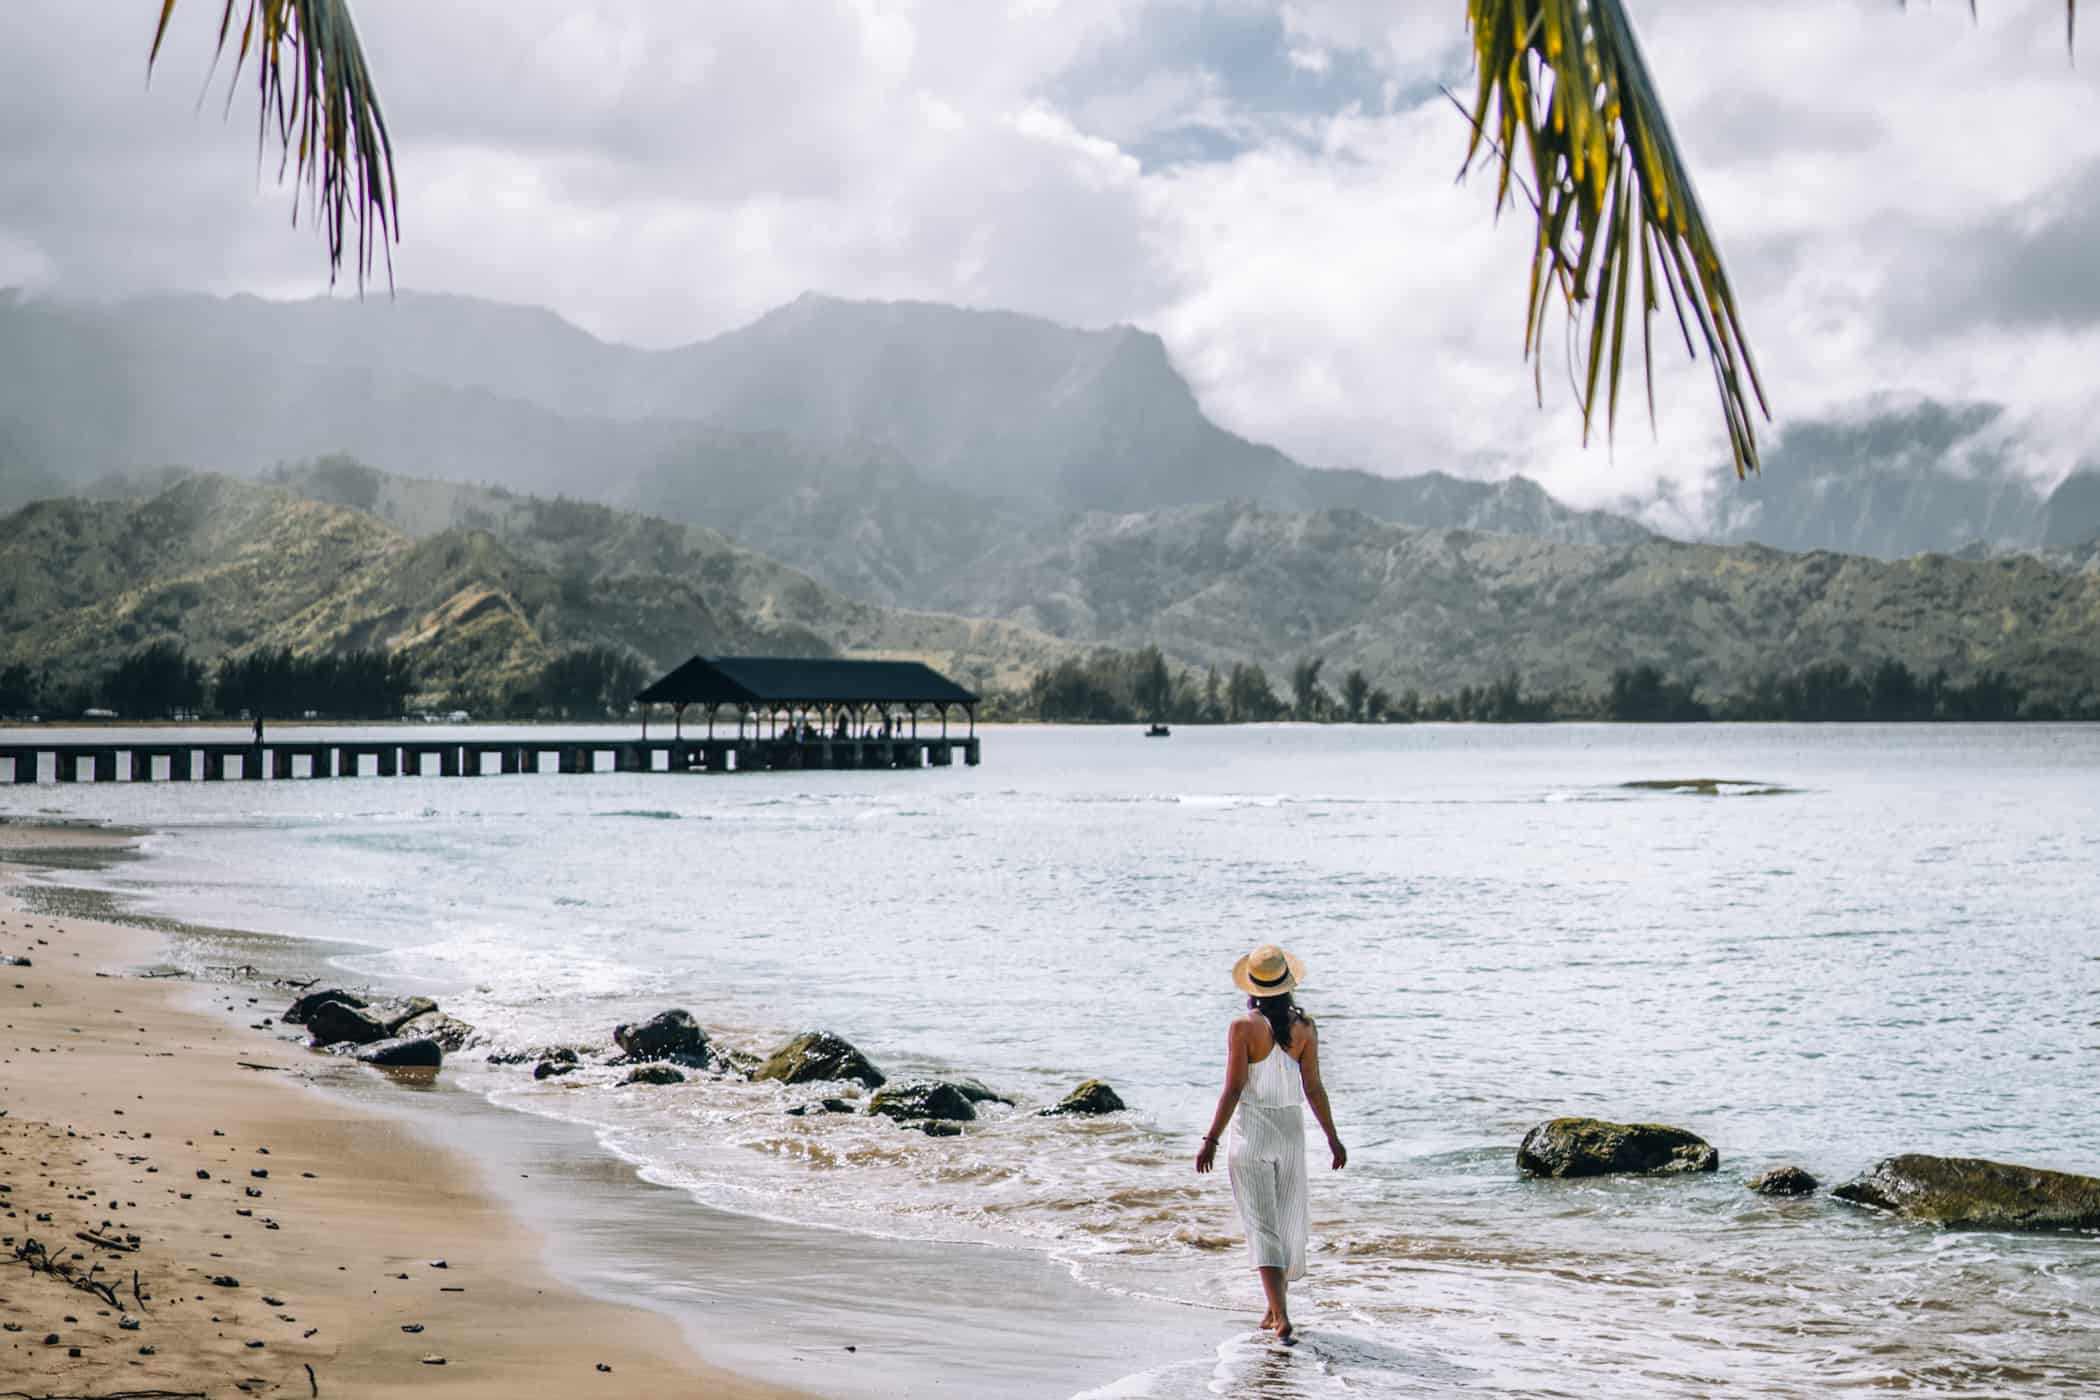 Kauai - Strände, Wandern & Ausflugsziele: Die Garteninsel von HawaiiKauai - Strände, Wandern & Ausflugsziele: Hanalei Beach